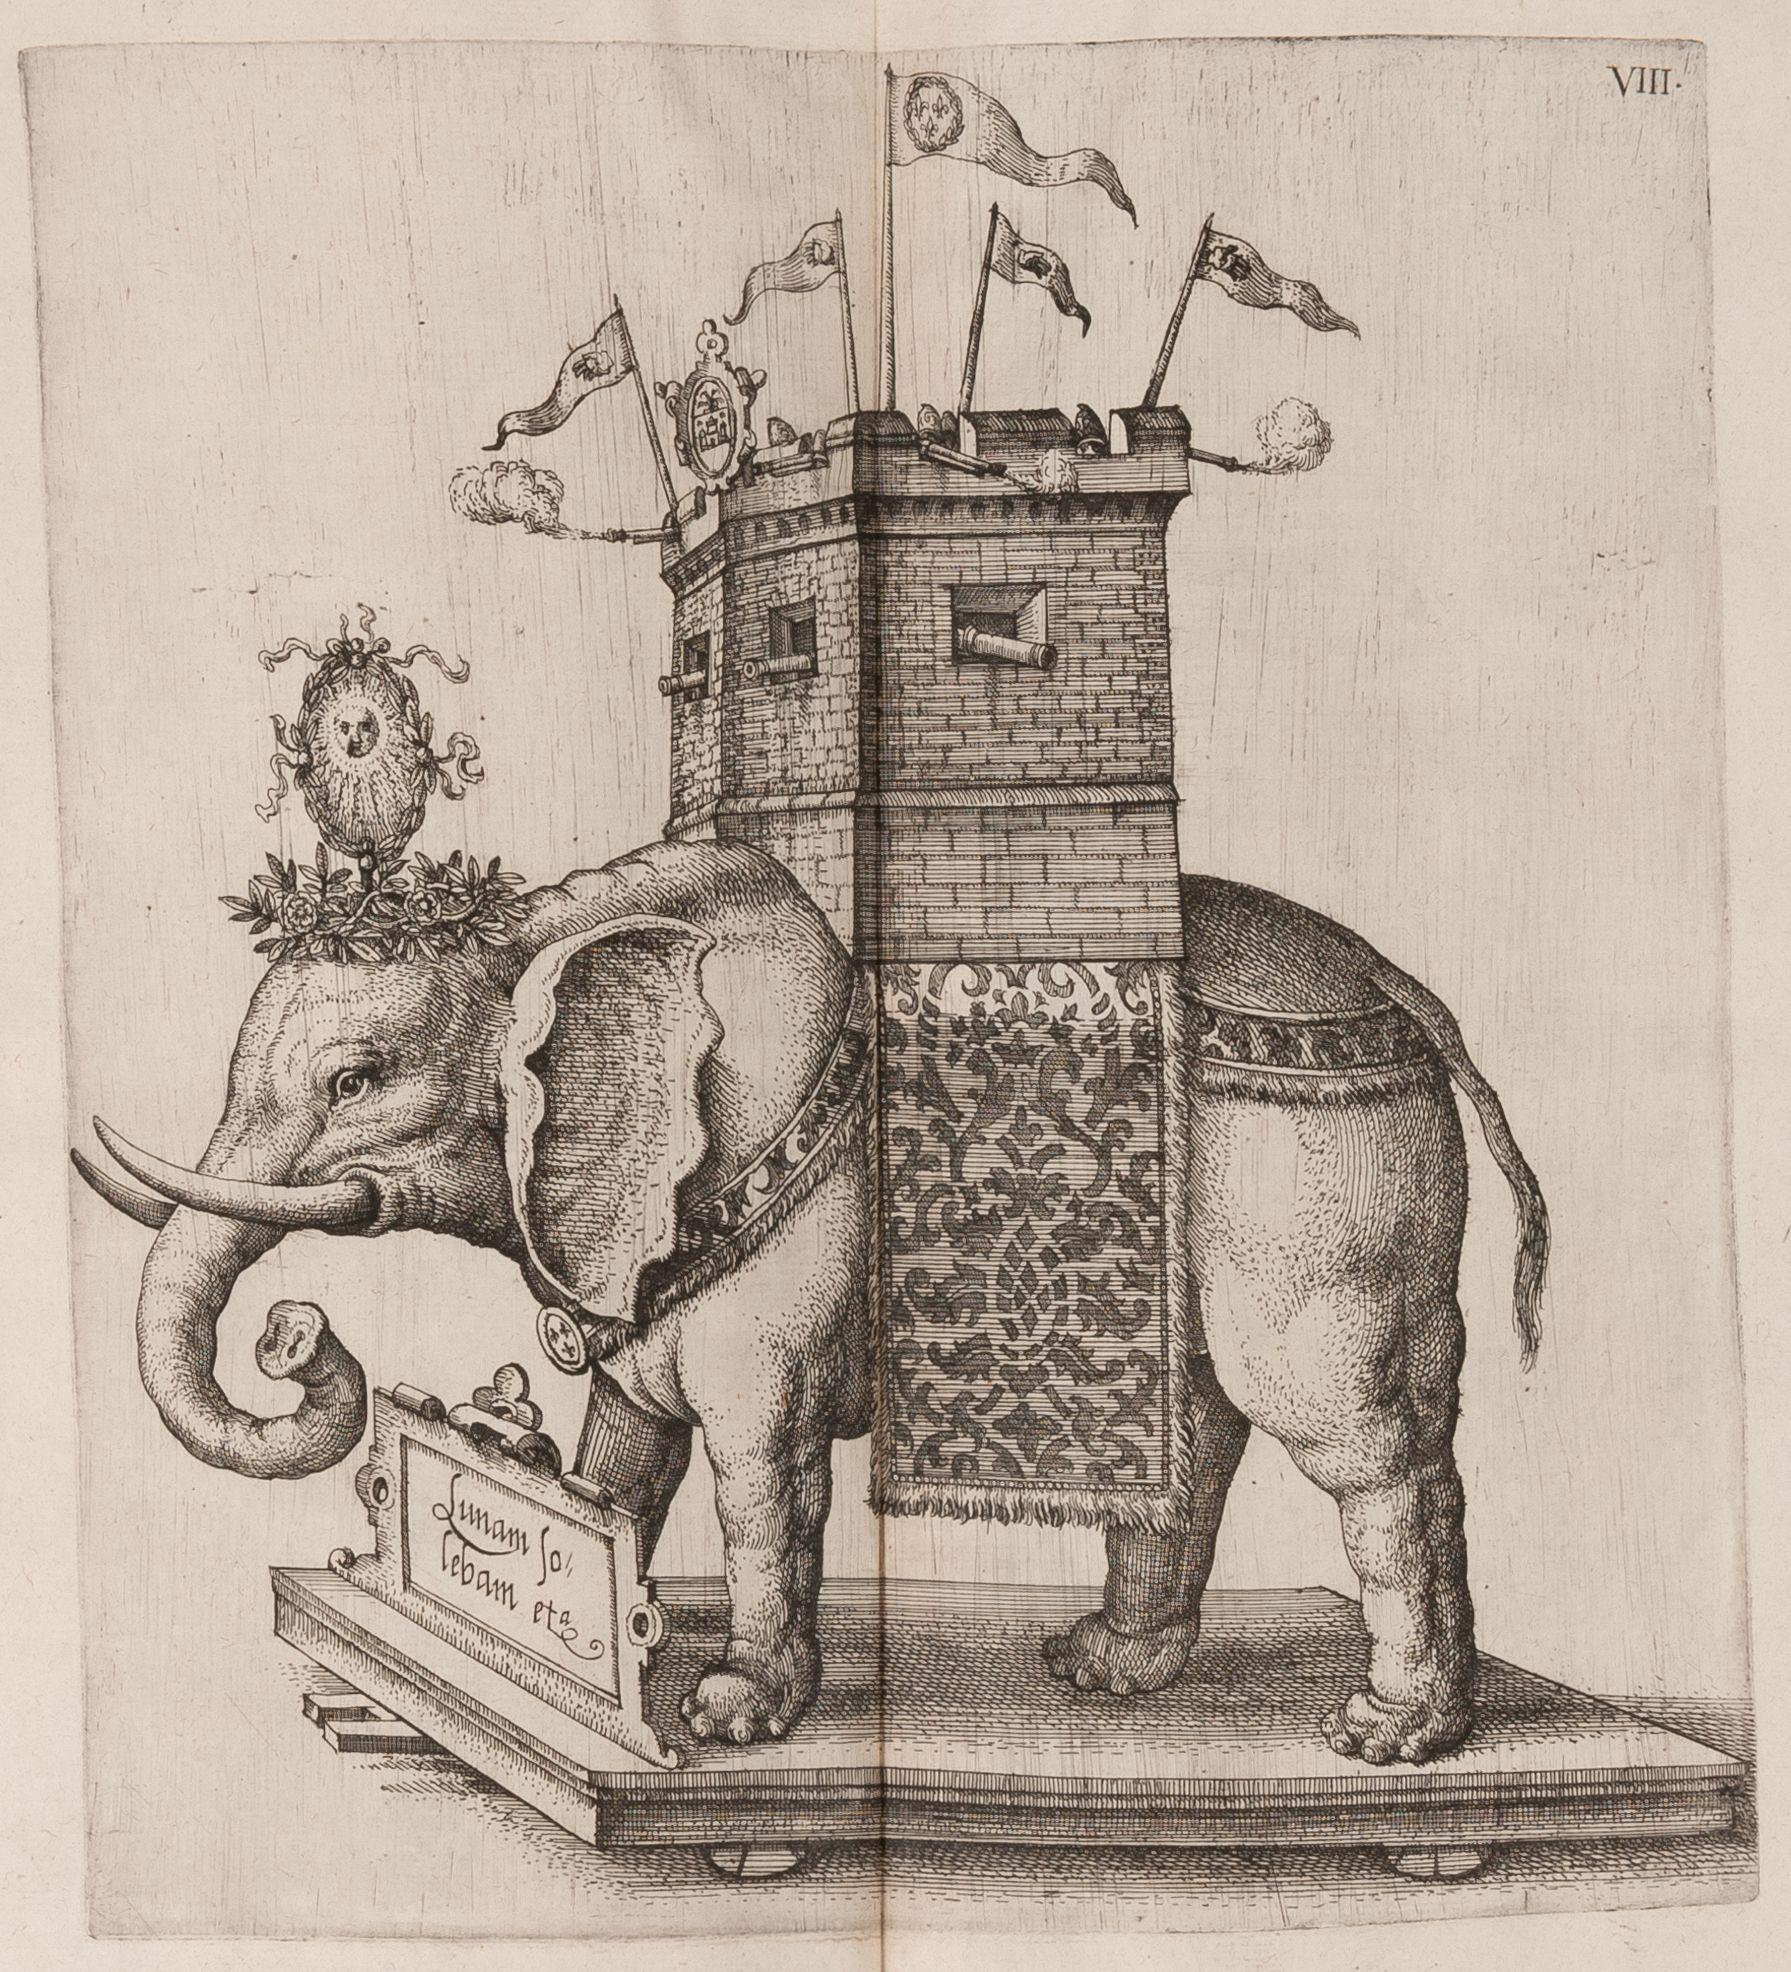 Float in the shape of an elephant from La joyeuse & magnifique entrée de Monseigneur Francoys, fils de France et frère unique du roy. Attributed to Abraham de Bruyn (1540–c. 1587), Antwerp, 1582